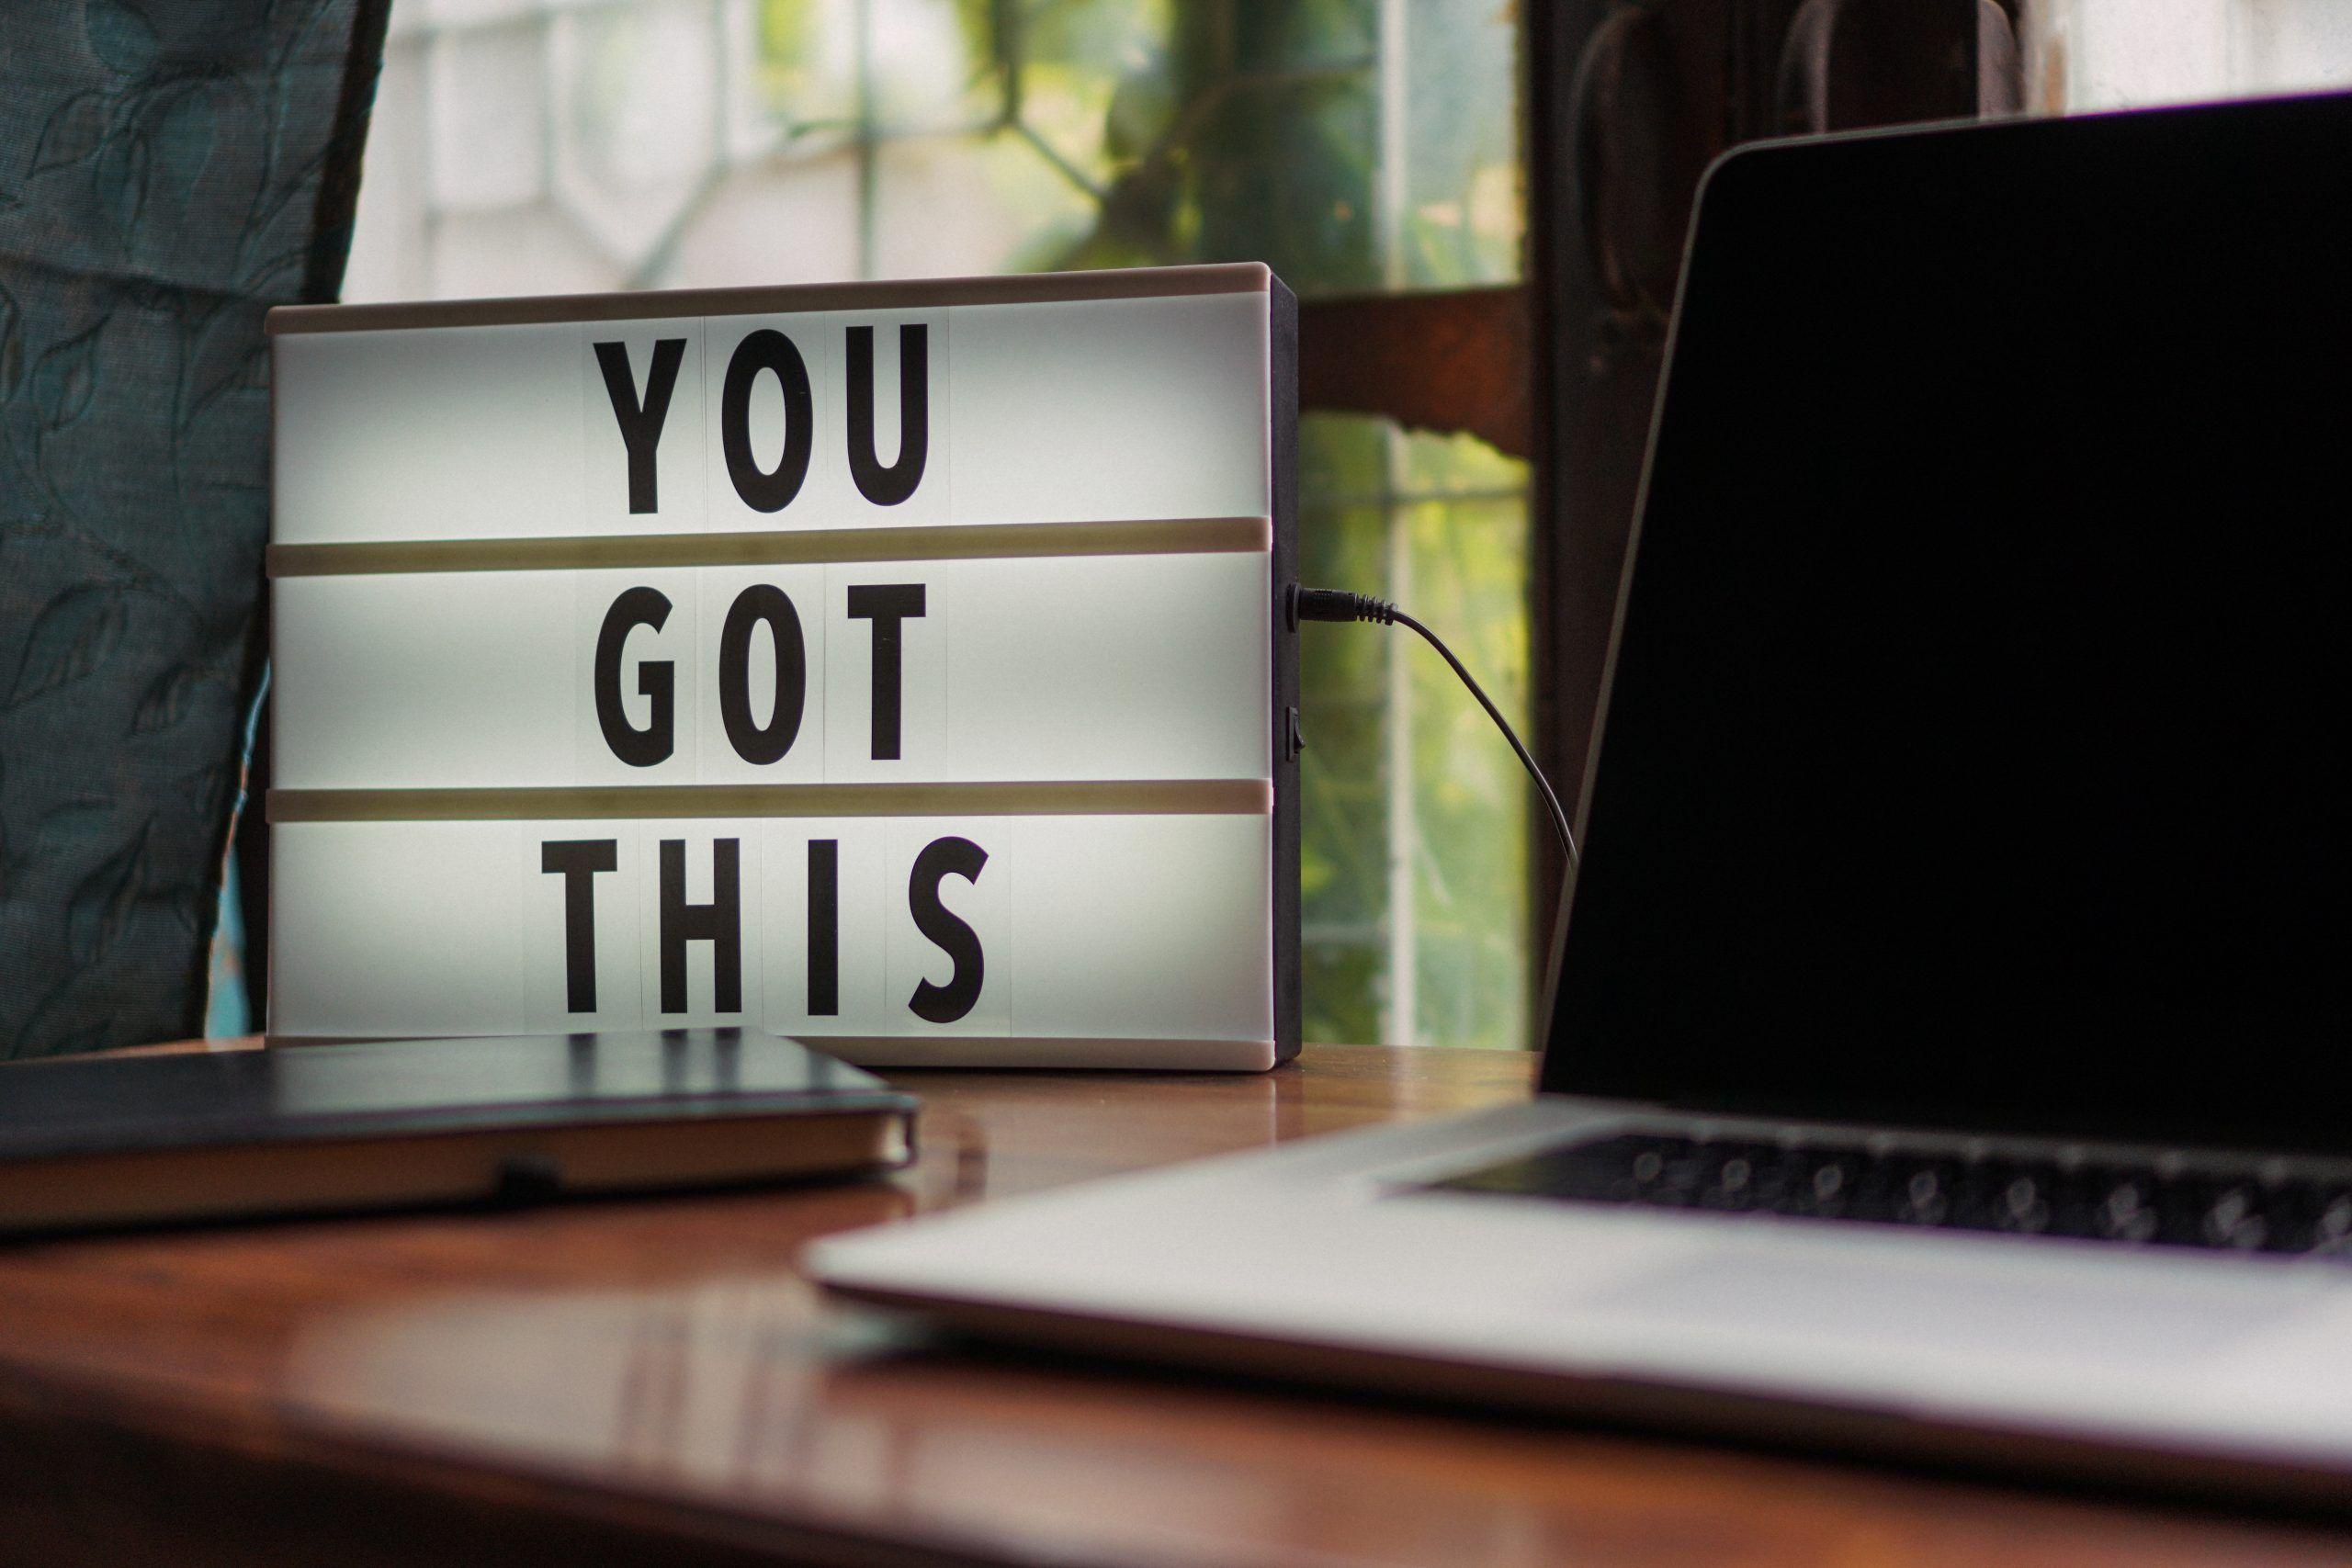 Consejos para empezar el semestre: motivación